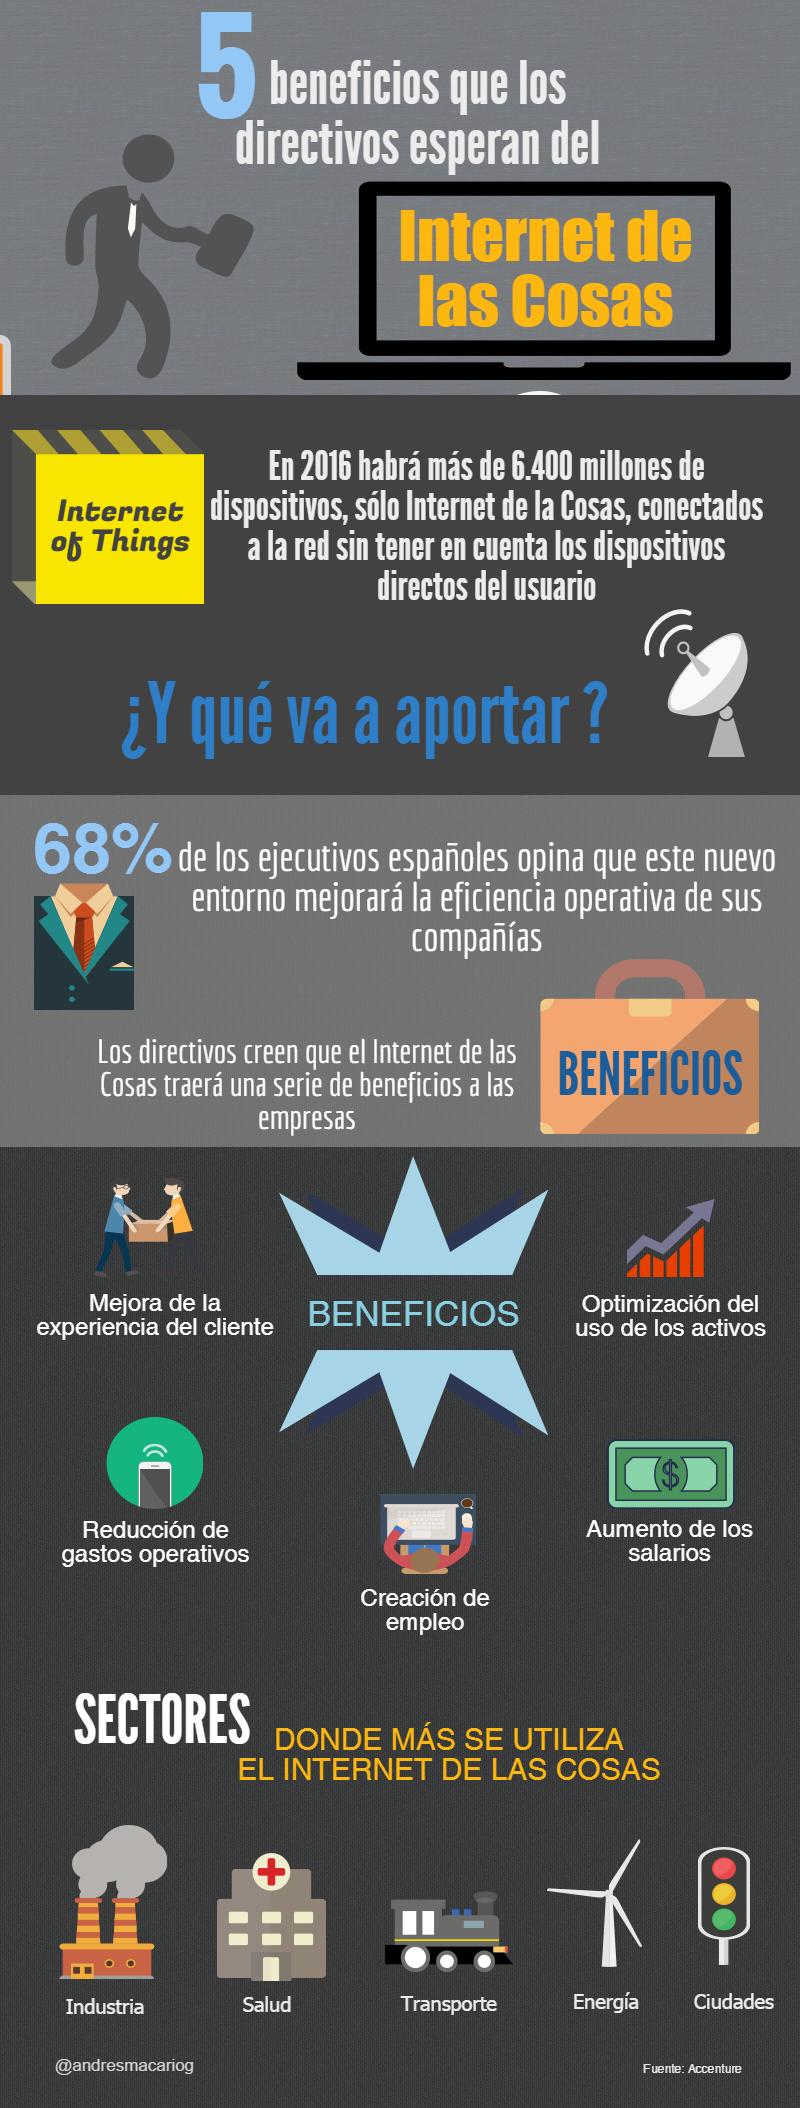 5 beneficios que los directivos esperan del Internet de las Cosas-Infografia-Andres Macario